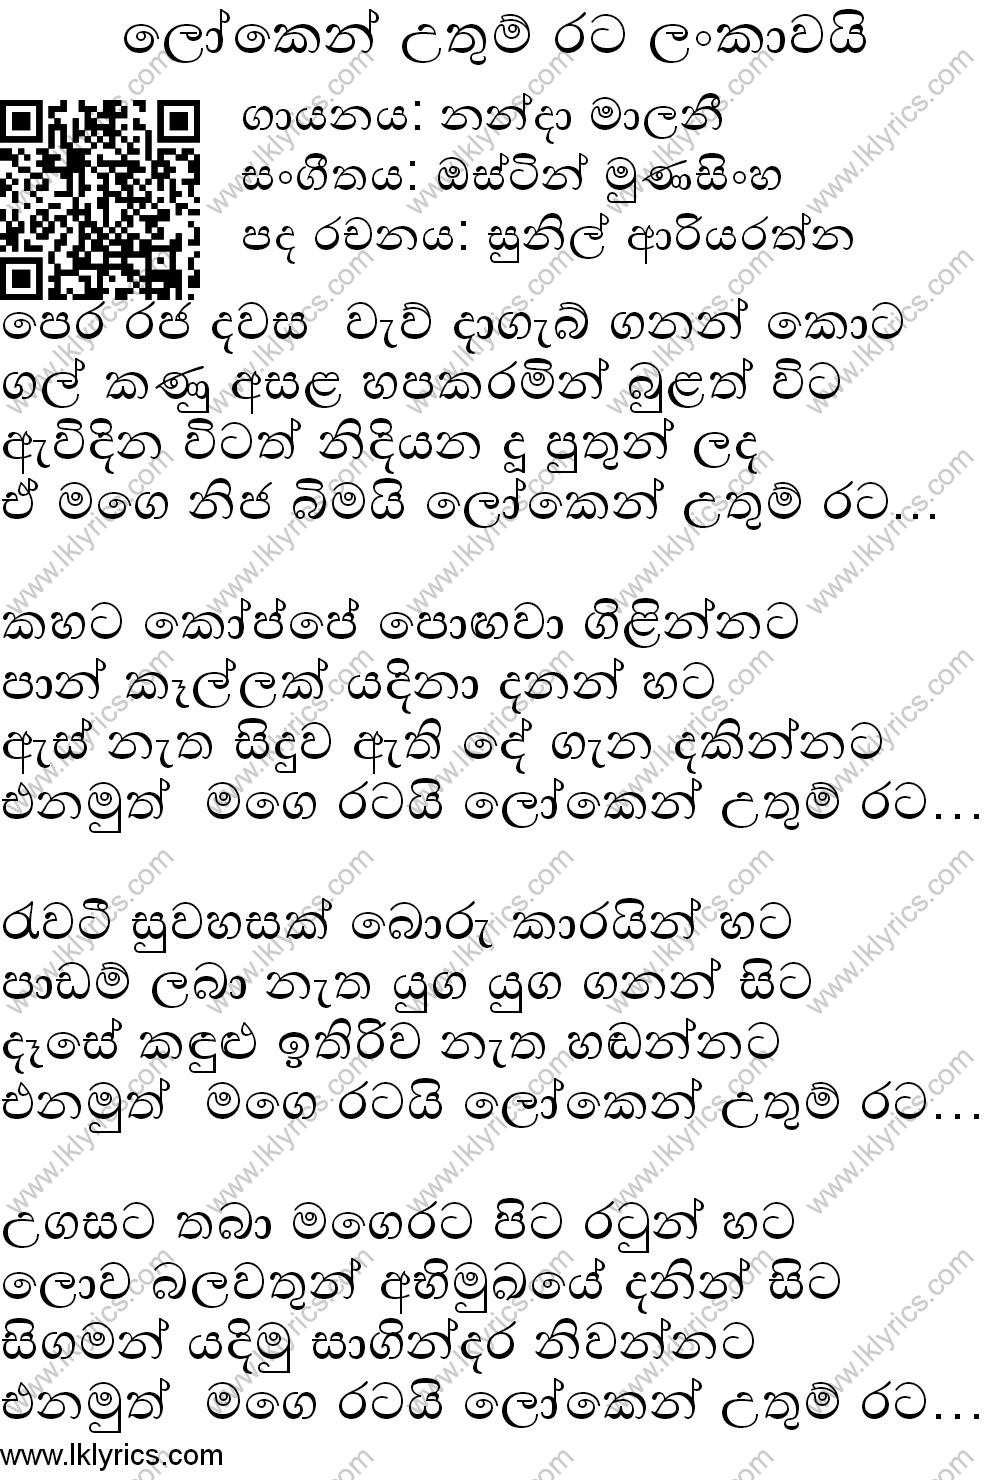 Nawaeliyak Deshabimani Gee by Various Artists album lyrics ...